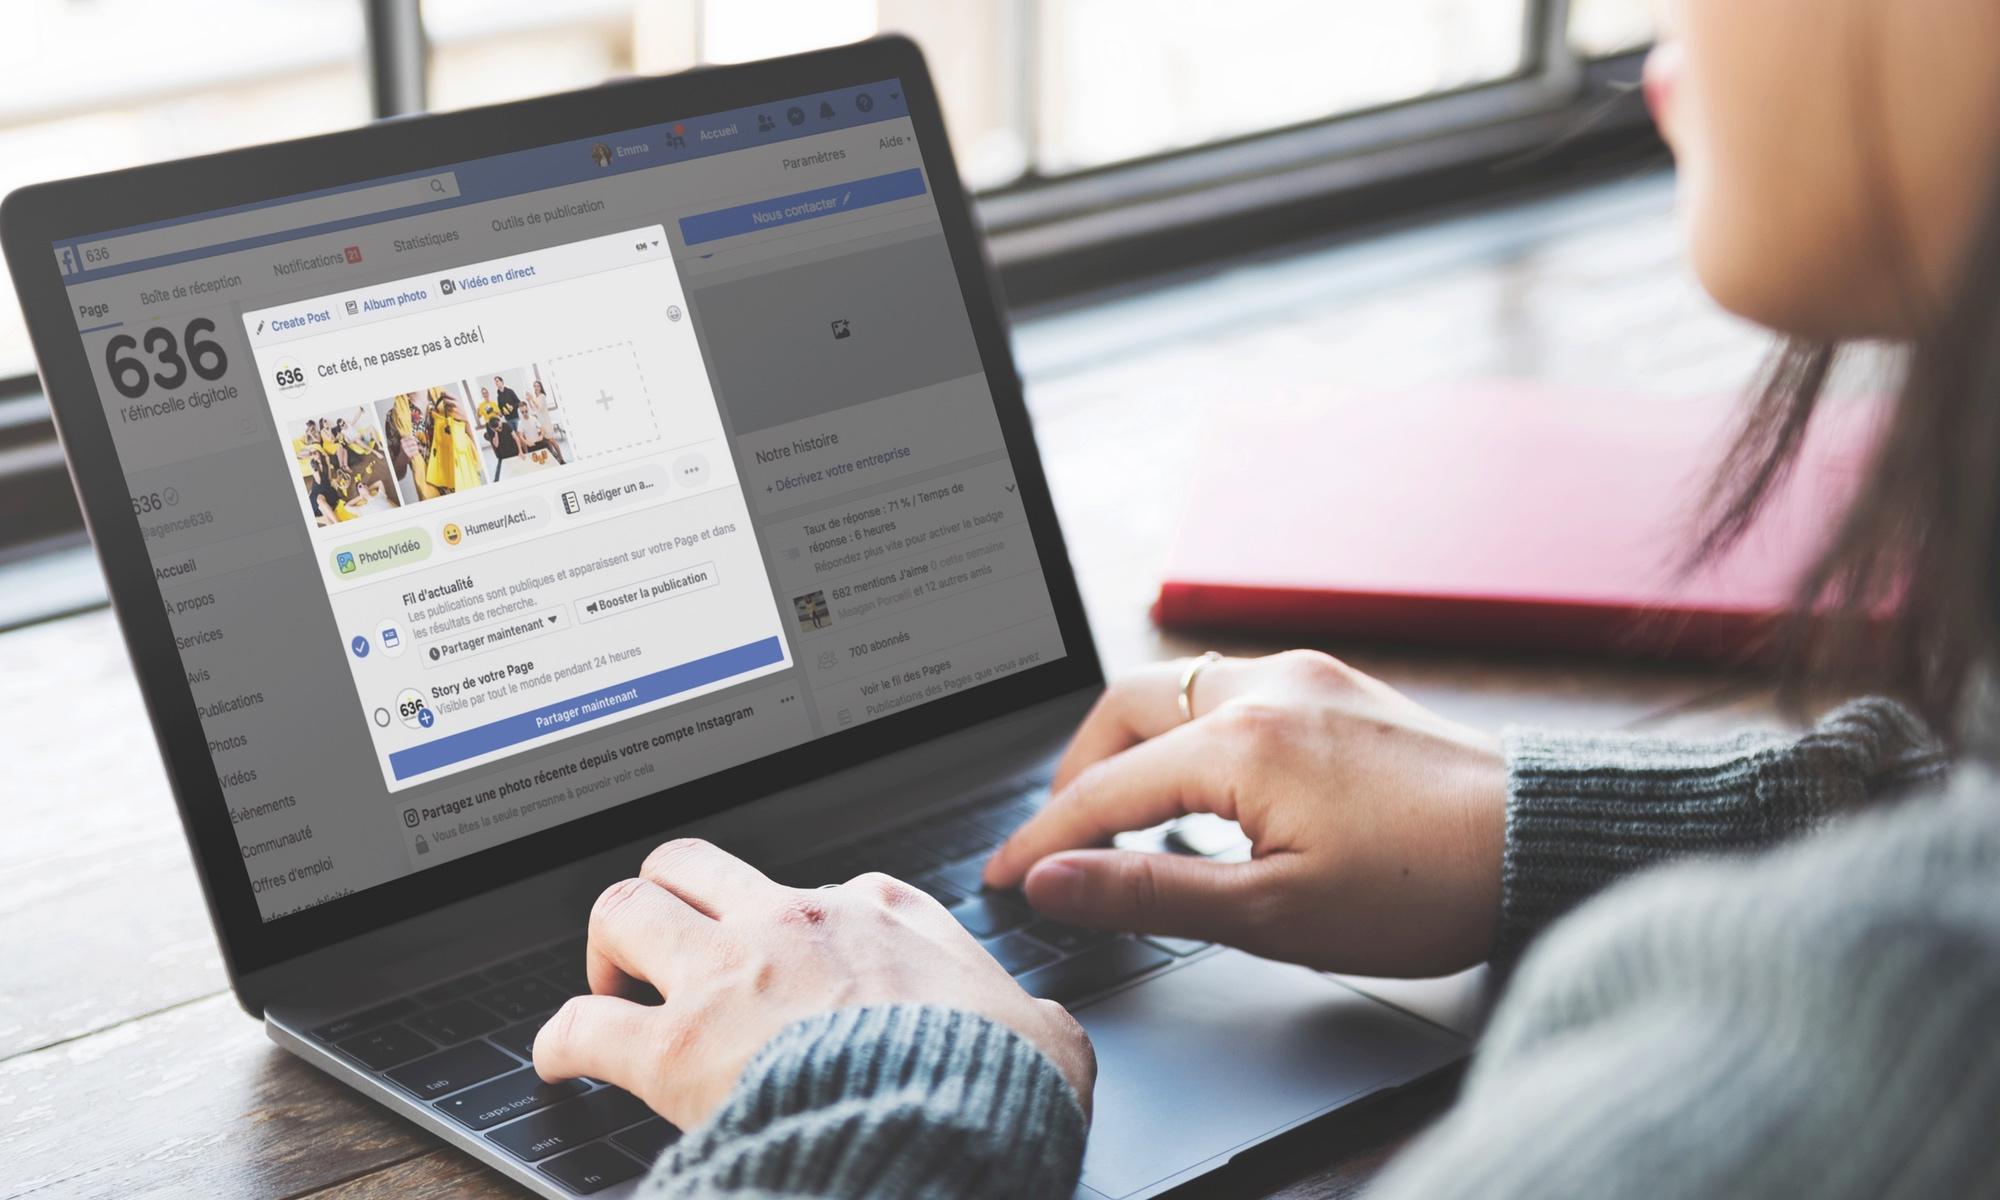 Formation Facebook - Facebook est le réseau social global. Son potentiel n'est plus à démontrer. Nos formations vous permettront de vous saisir ses nombreuses possibilités d'action.